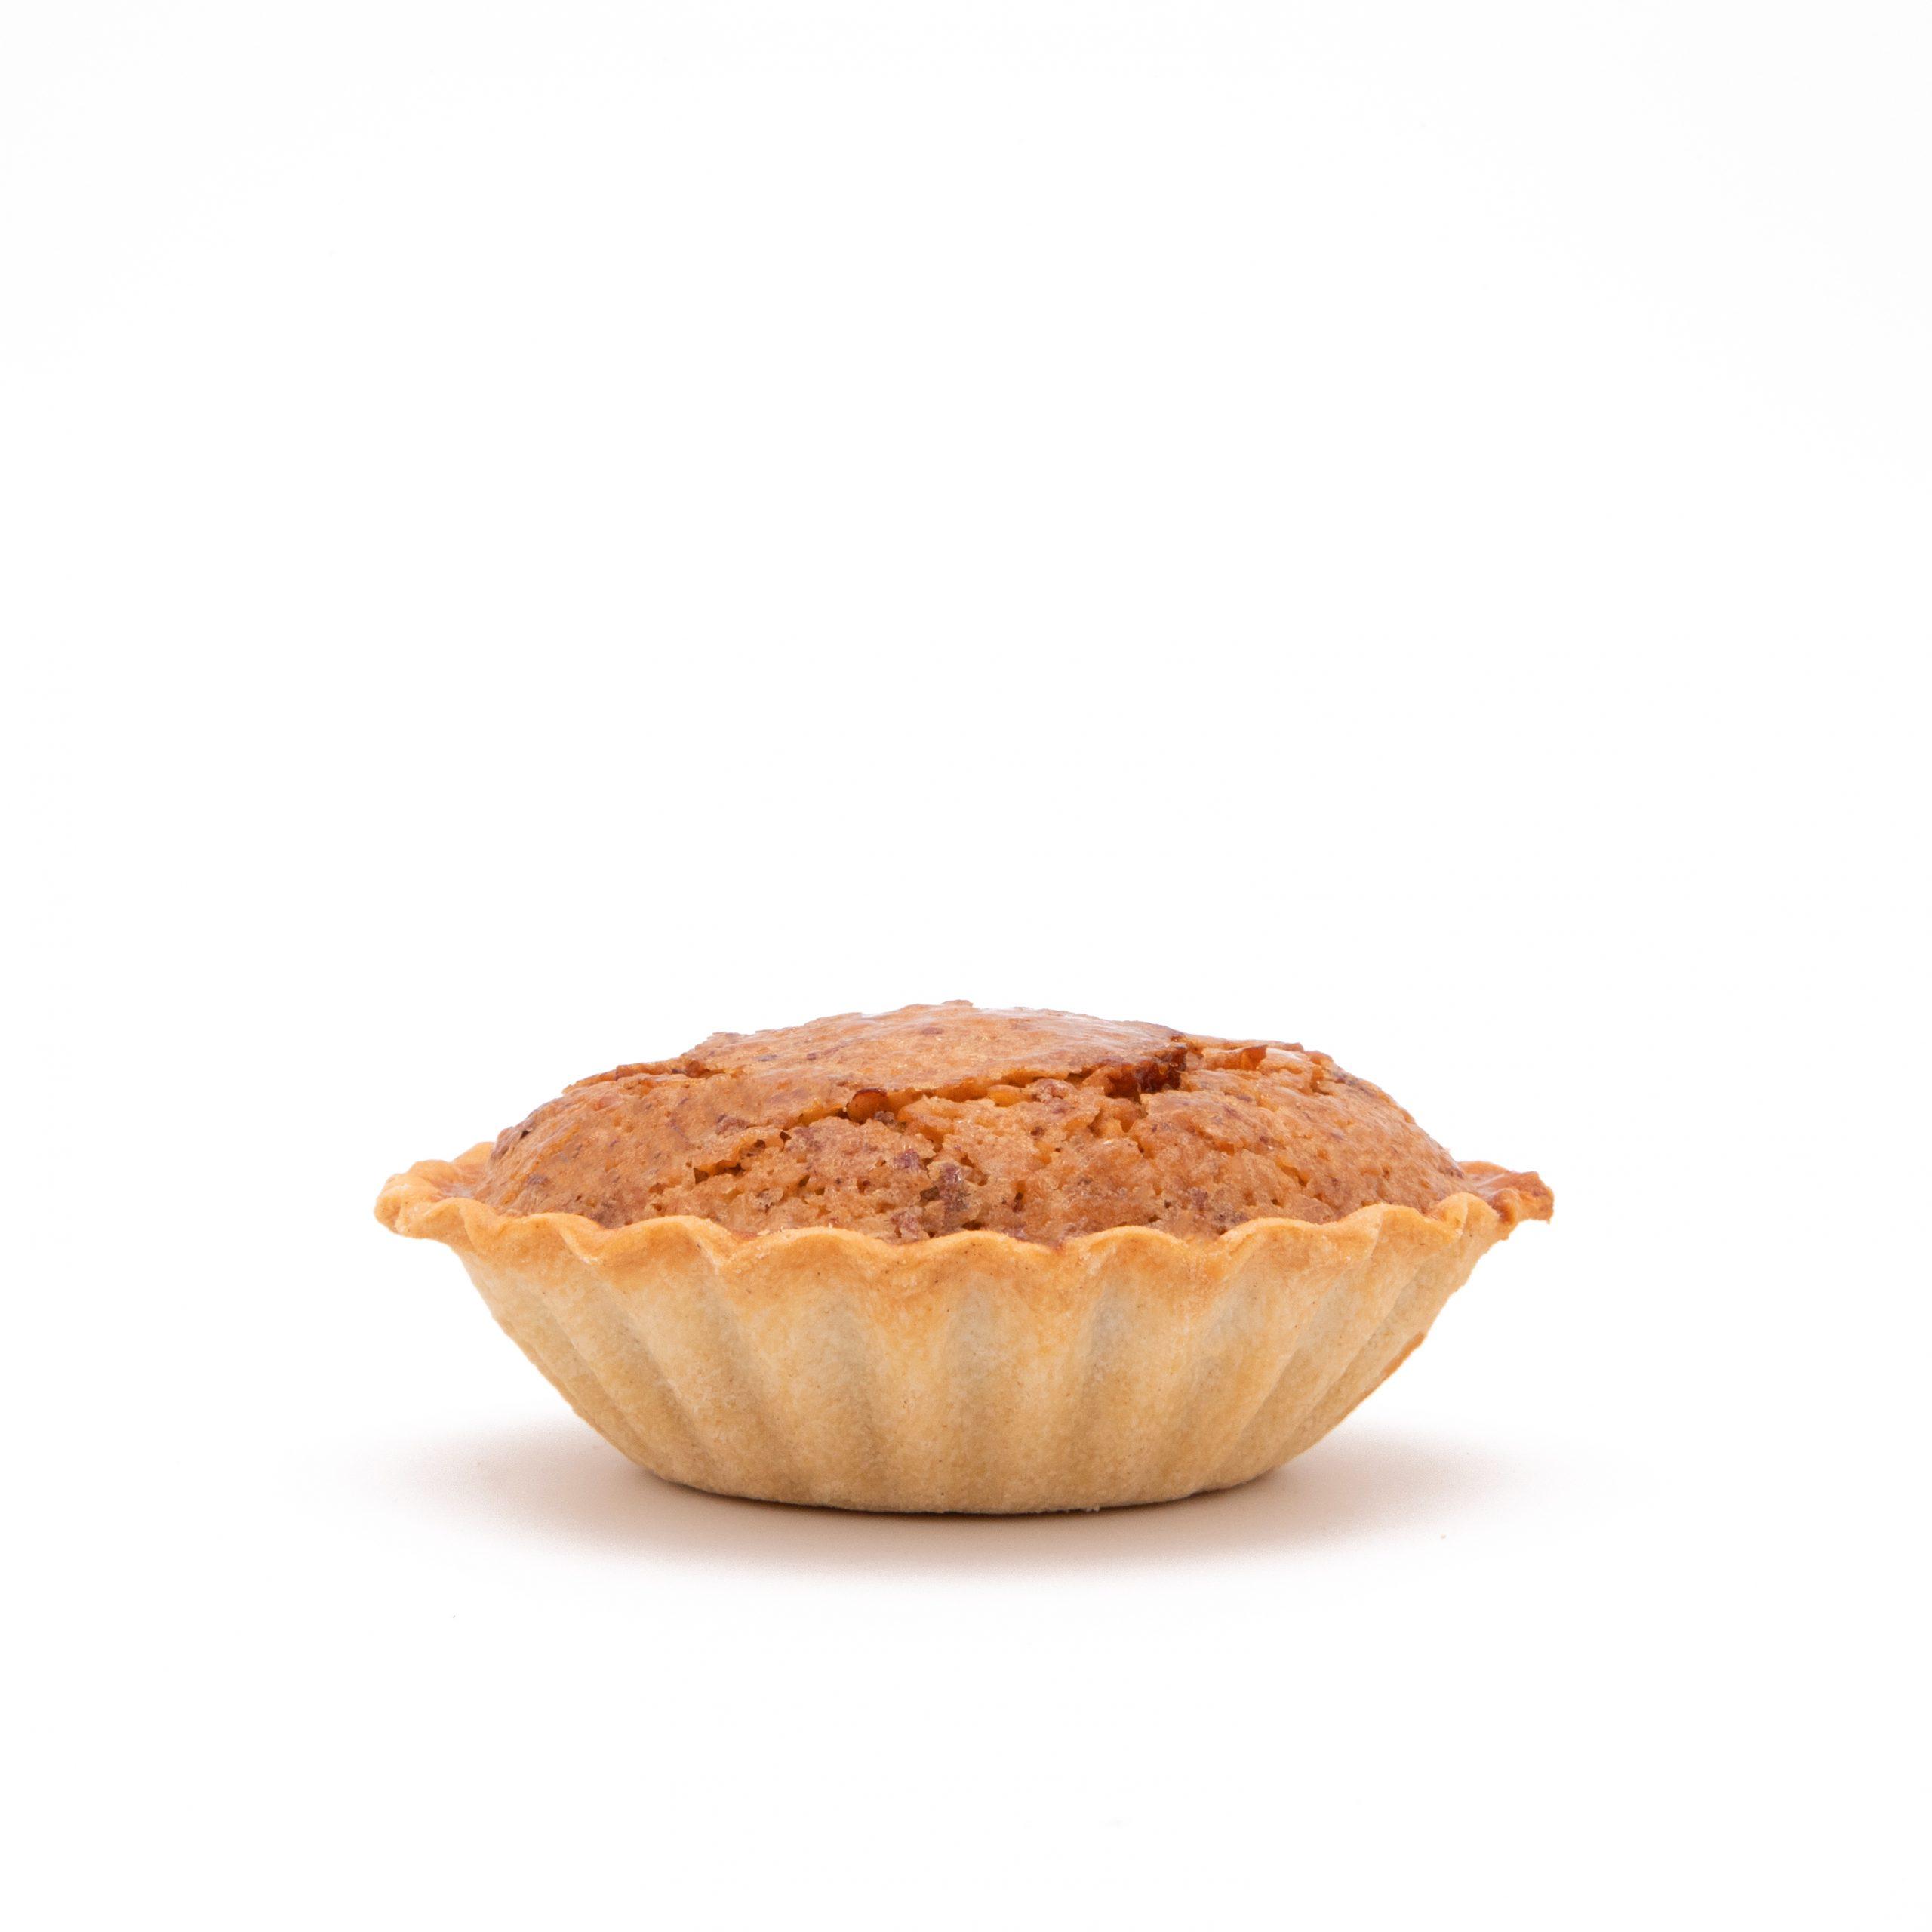 3-queijada-amendoa-atelier-do-doce-alfeizerao-pastelaria-doces-conventuais